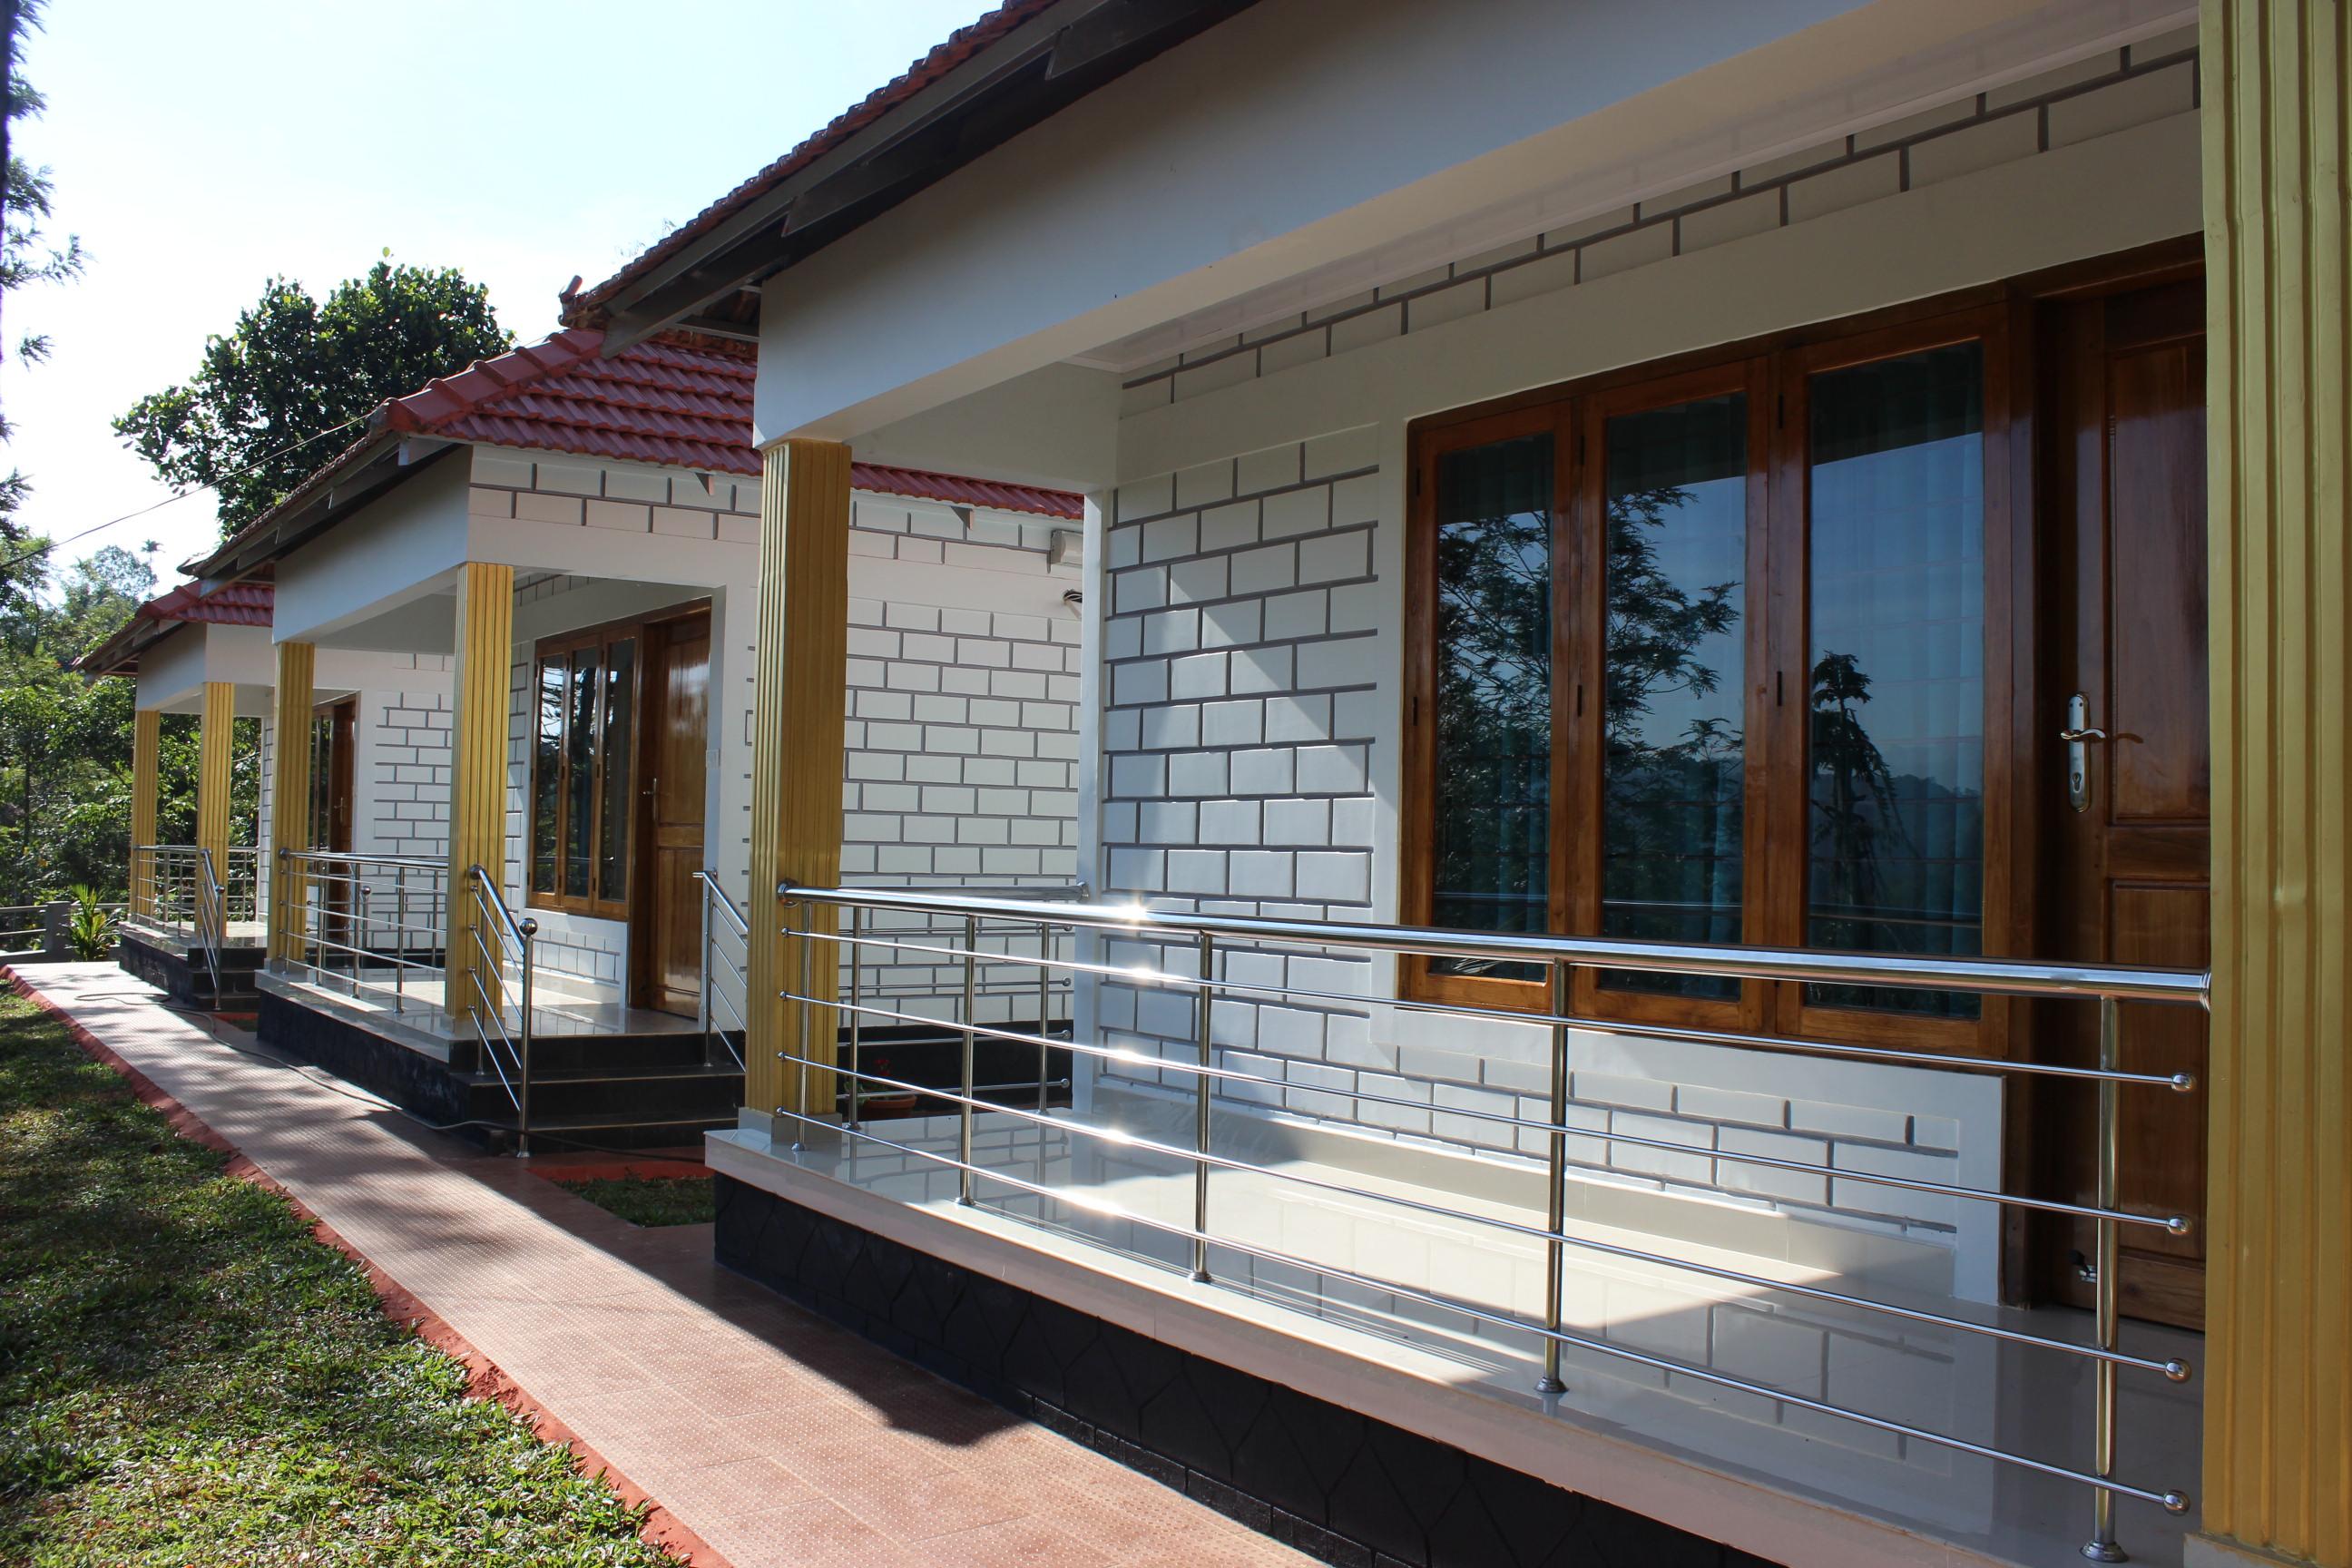 Ishta's Holiday Homes